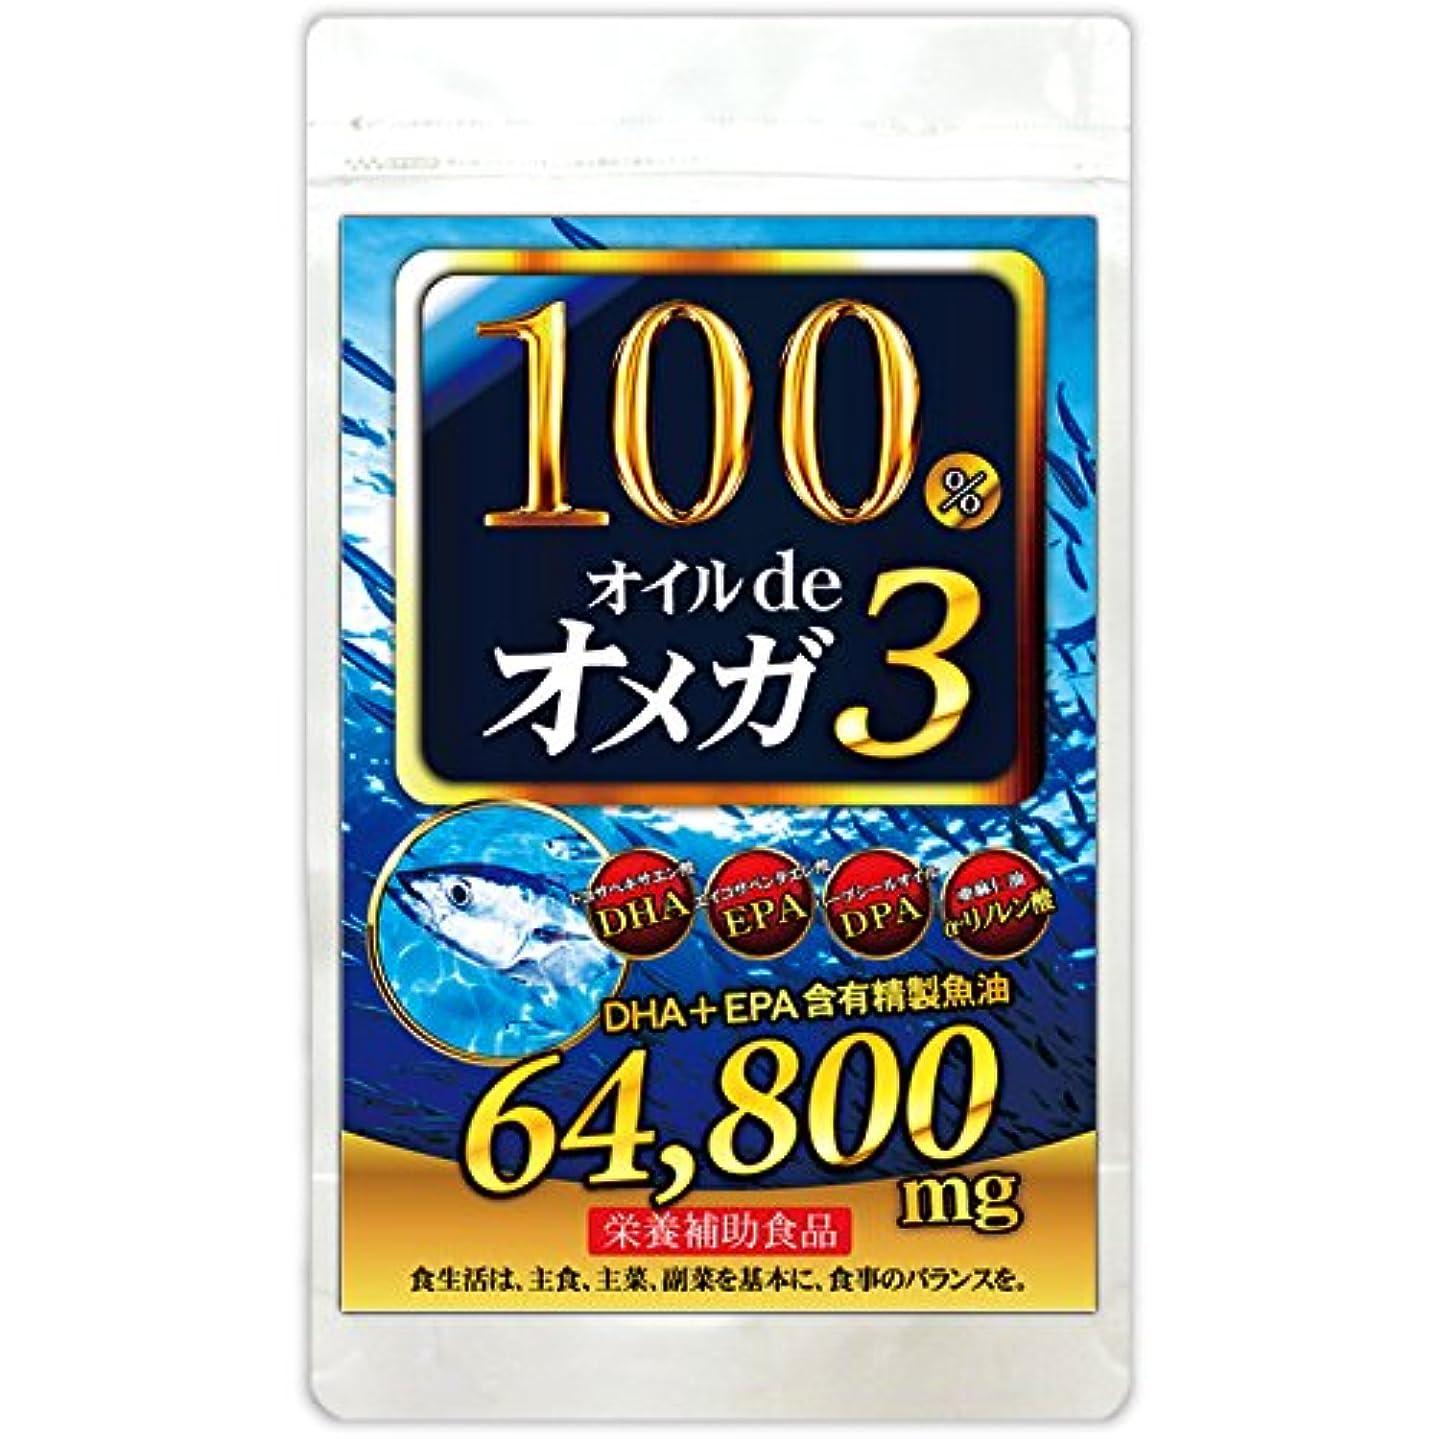 キャラバン周術期負(約6ヵ月分/180粒)オメガ3(DHA+EPA)など健康油12種類を100%限界配合詰め!100%オイルdeオメガ3